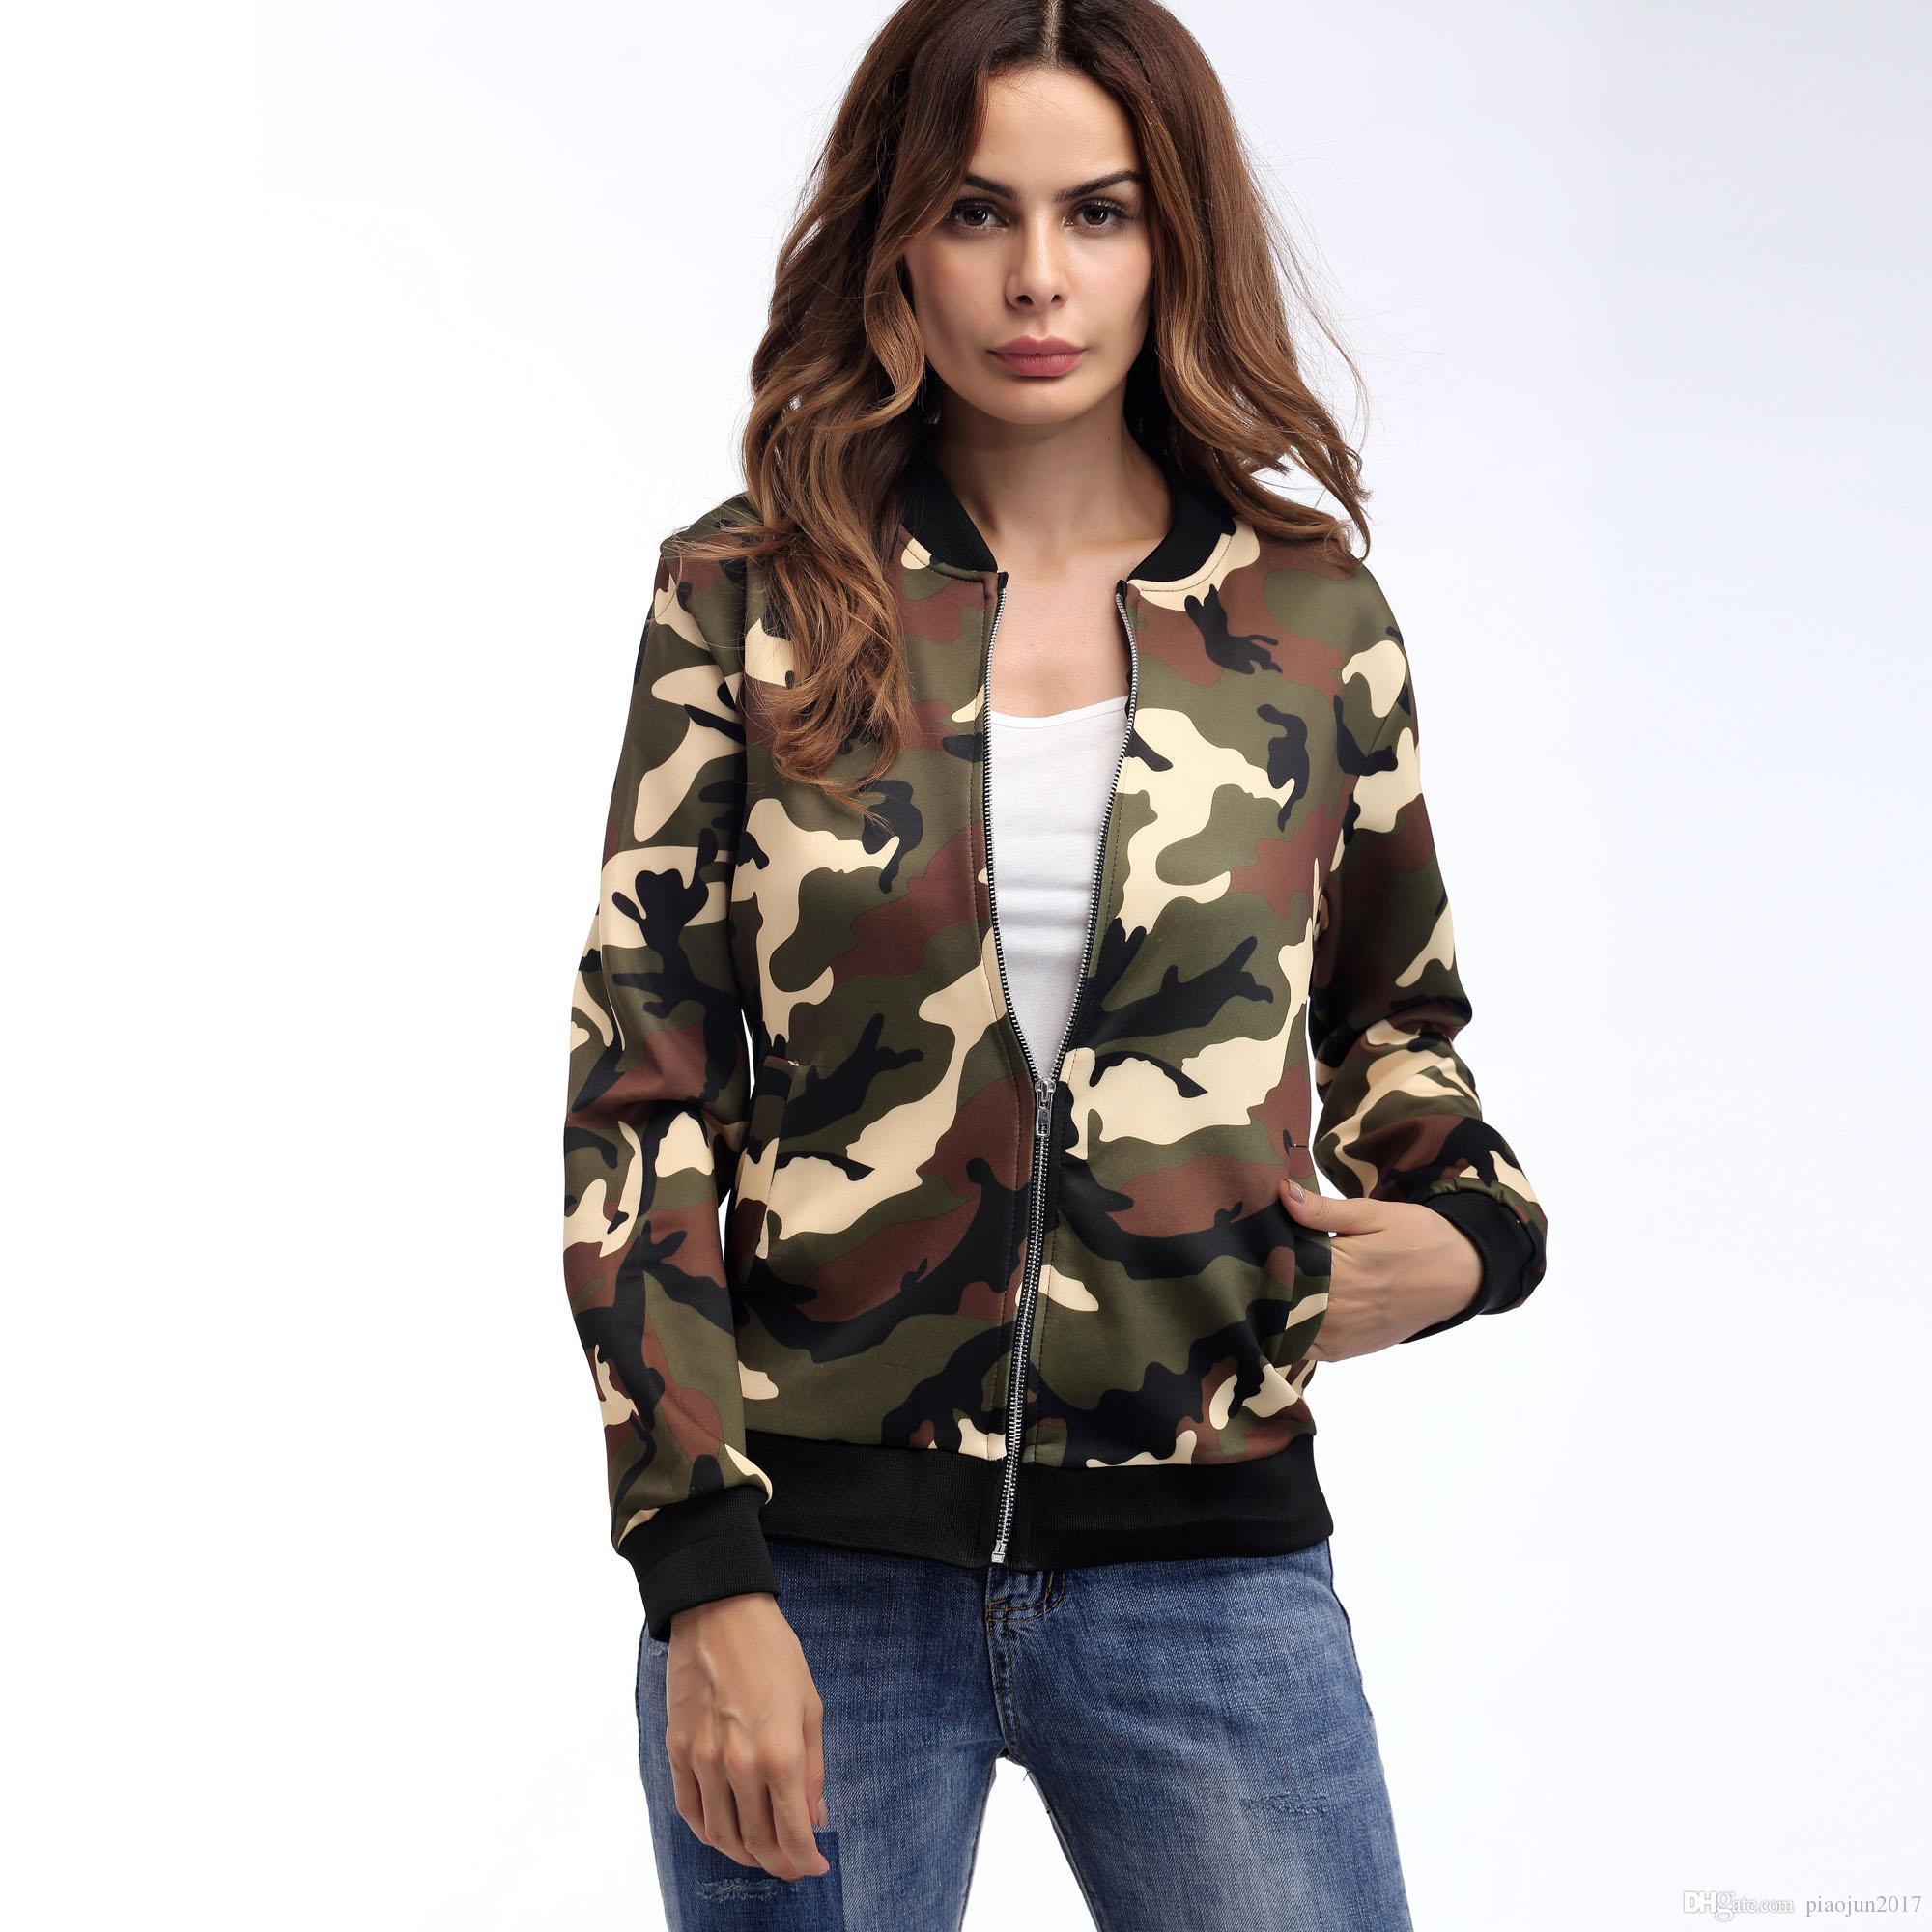 2 Grau Neue Jacke Stil Camouflage Europäischen Runder Bequemen Kragen Modischen Mantel Farben Von Mode Grün Großhandel Damen lJc5u3KTF1